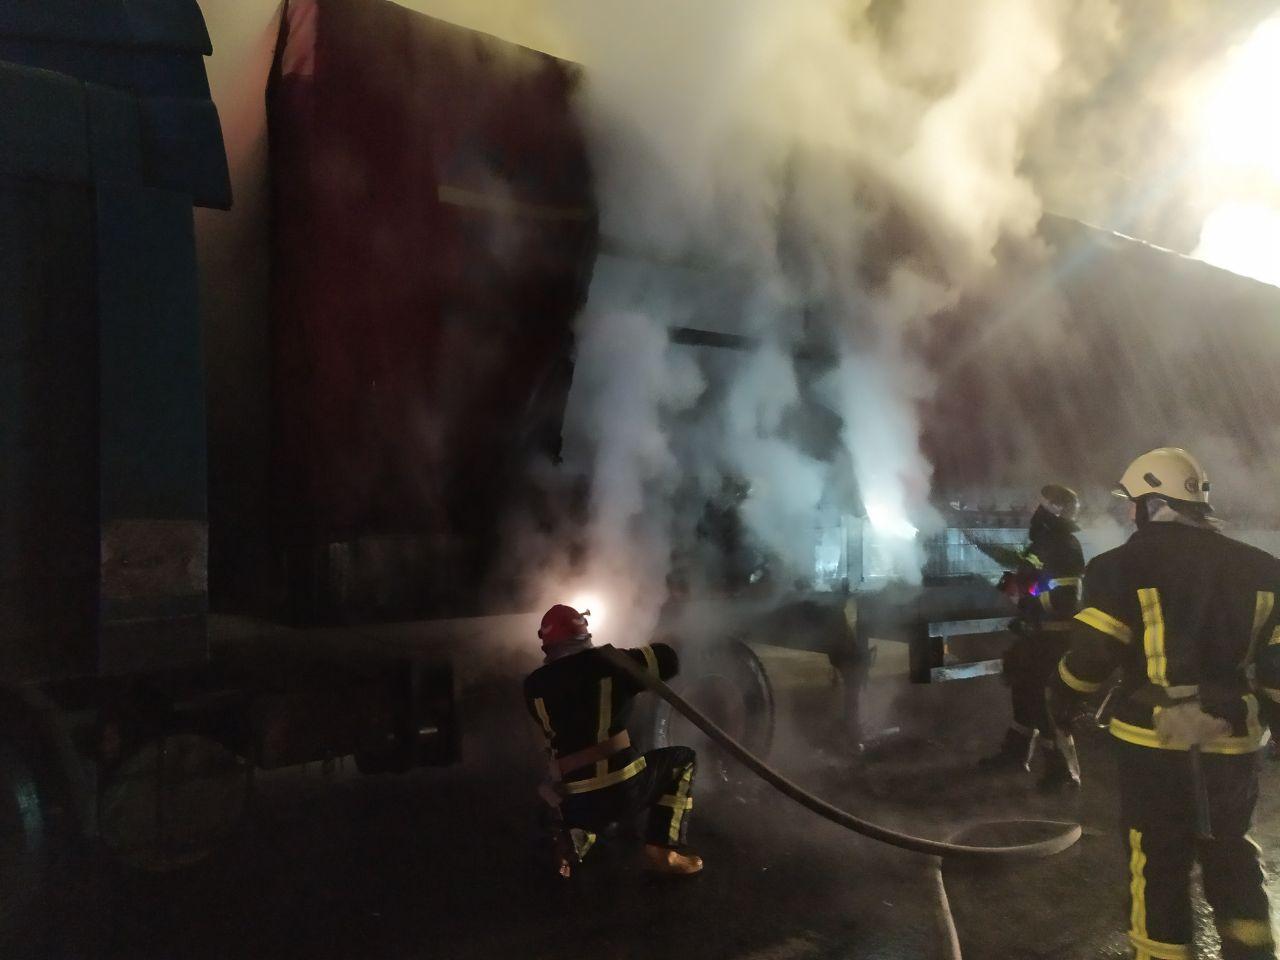 На Гостомельському шосе загорілася вантажівка - загоряння, Гостомельське шосе, вантажівка - photo5202068211892334917